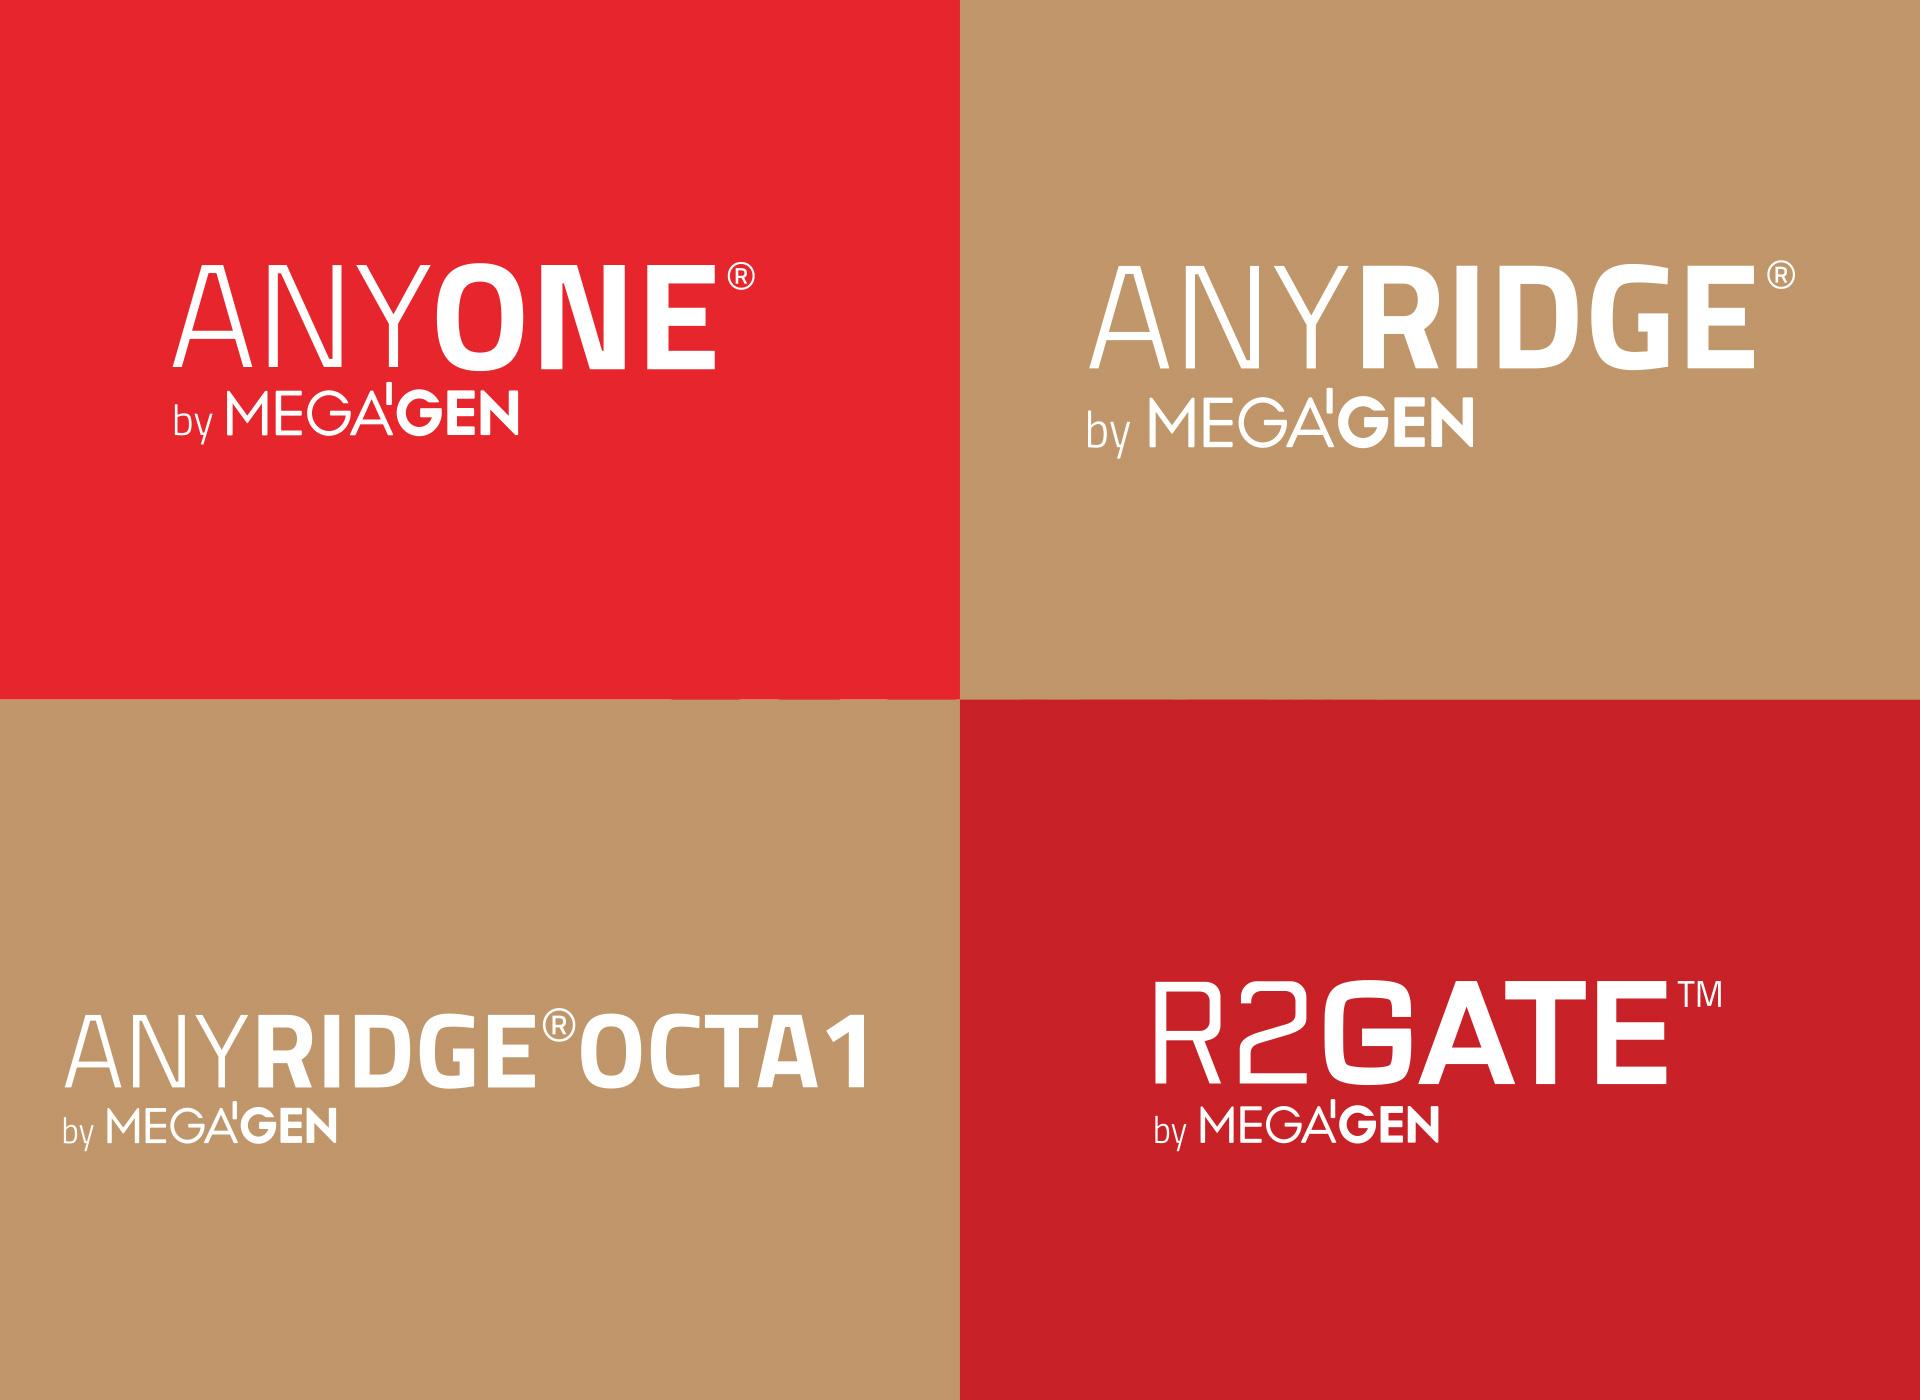 Megagen Koreea negative logo portfolio inoveo